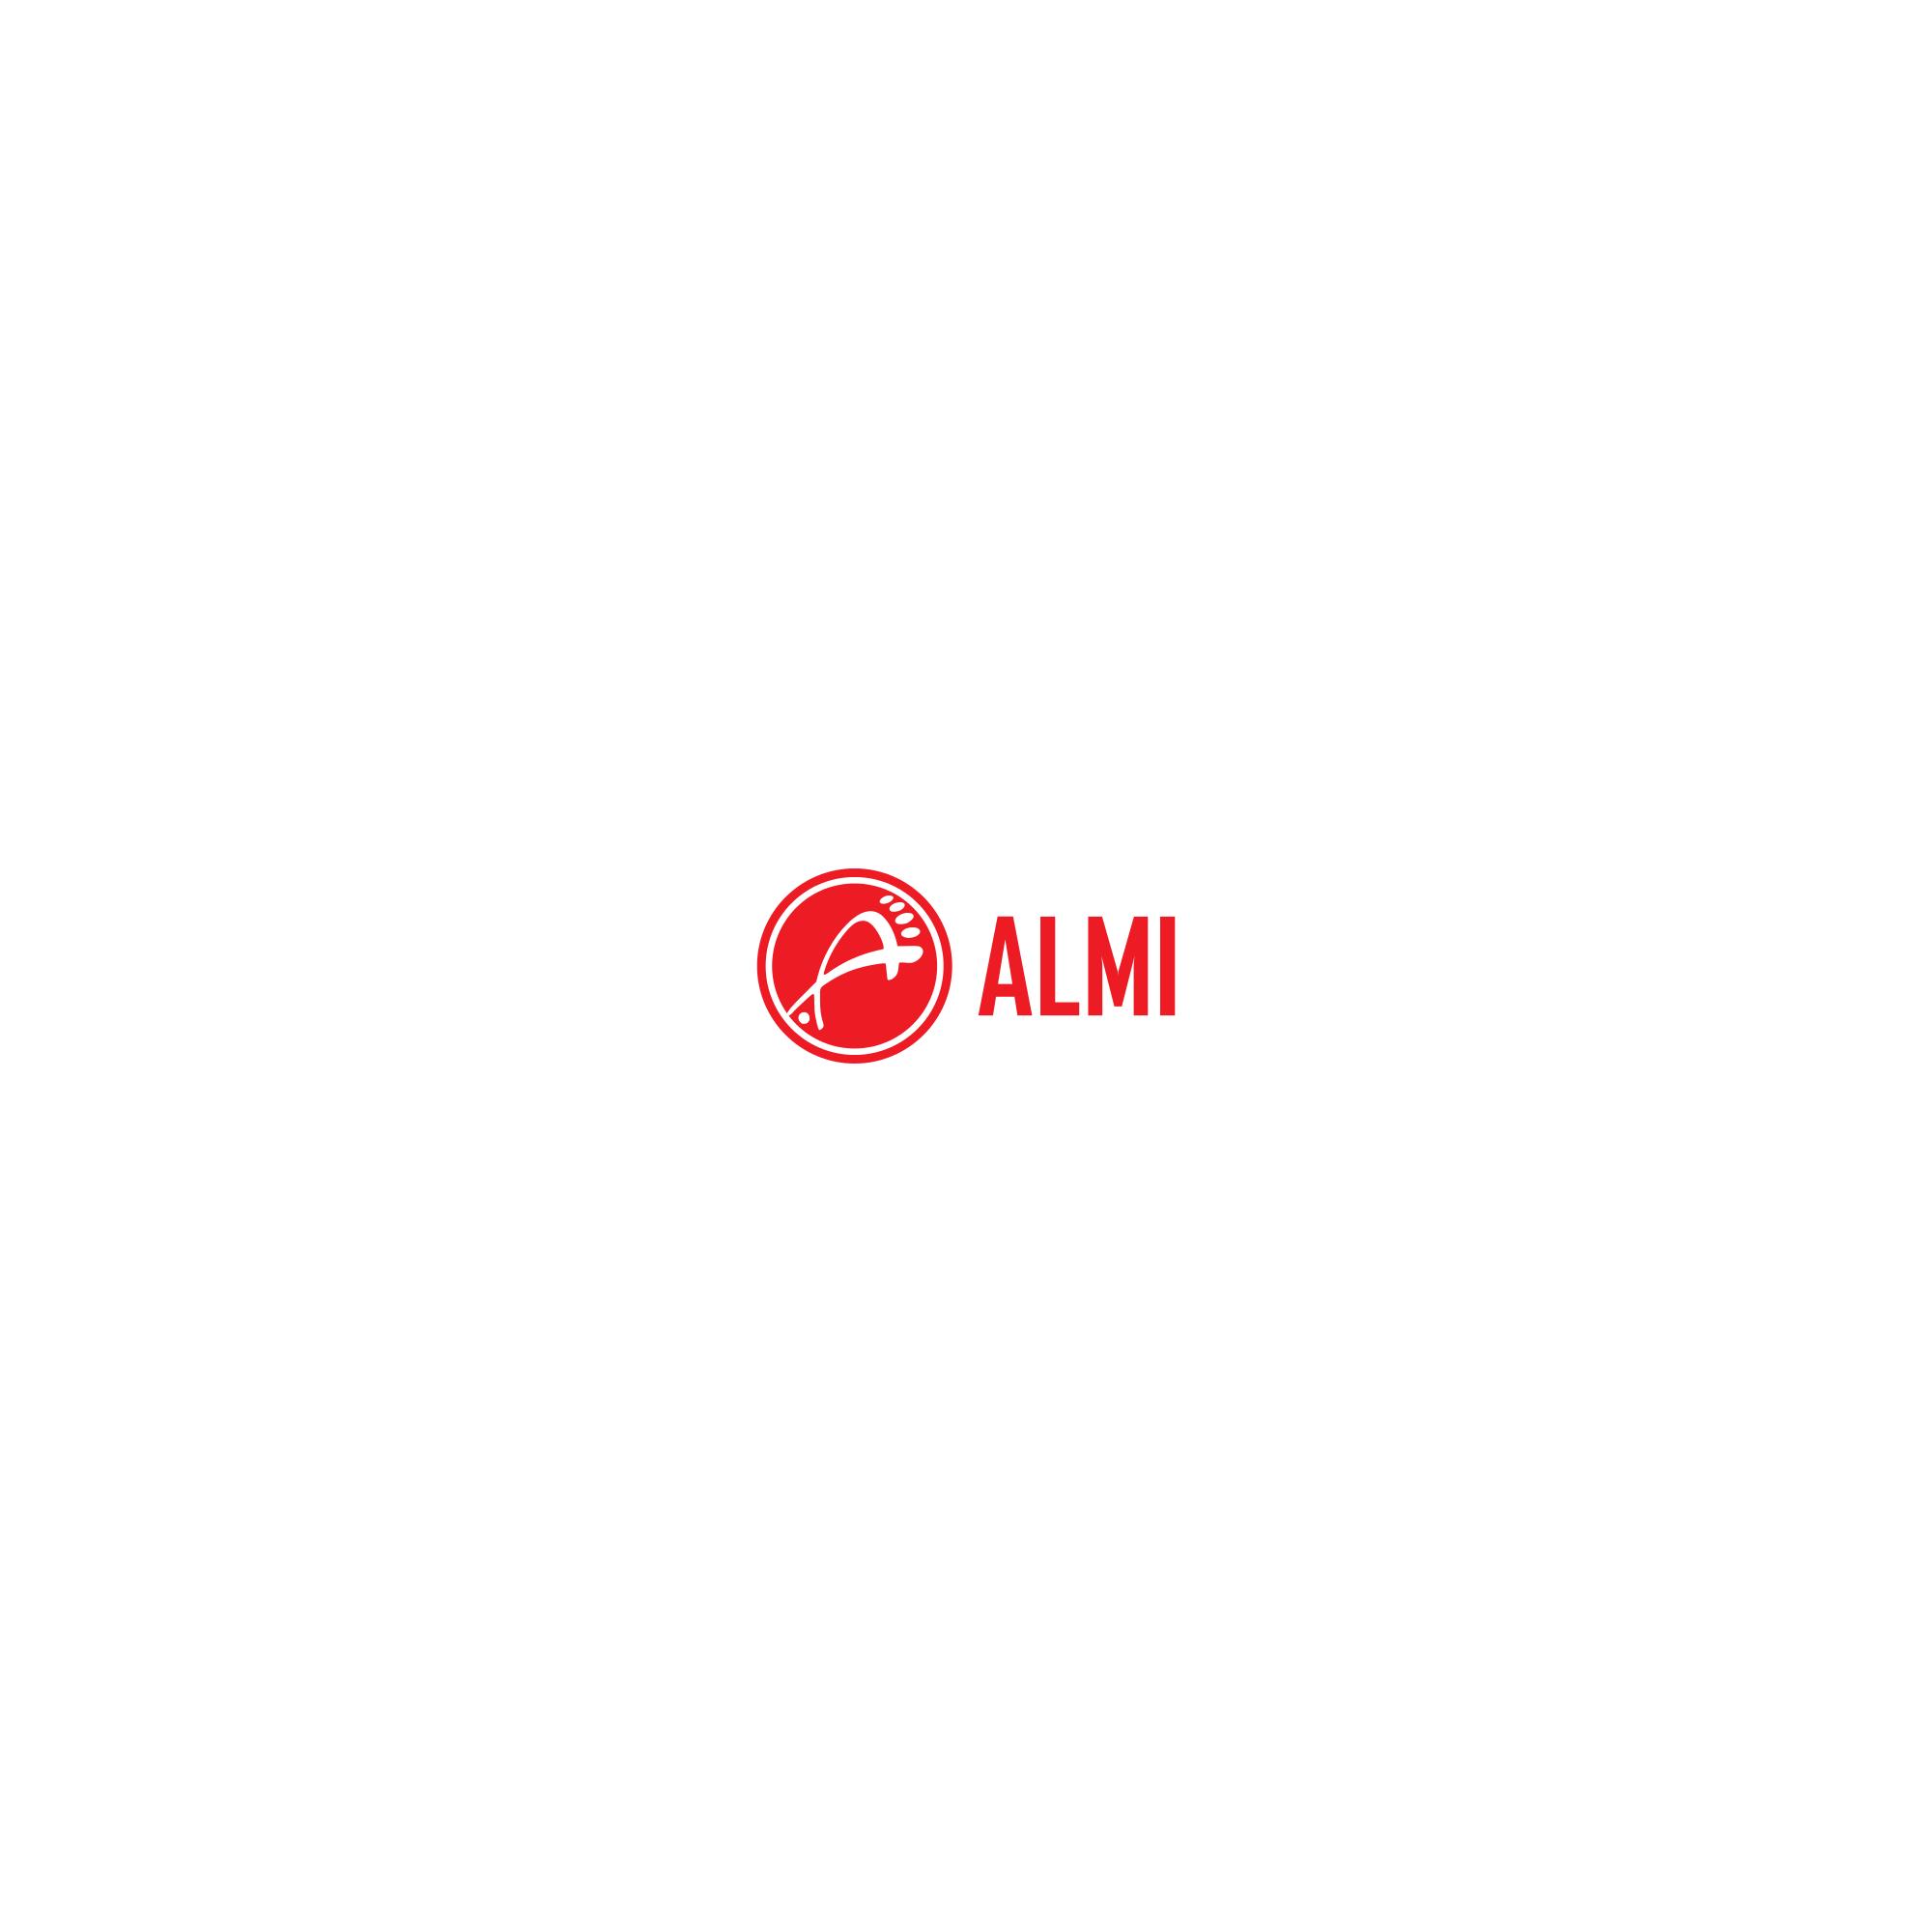 Дизайн логотипа обувной марки Алми фото f_46359f12d059844a.png